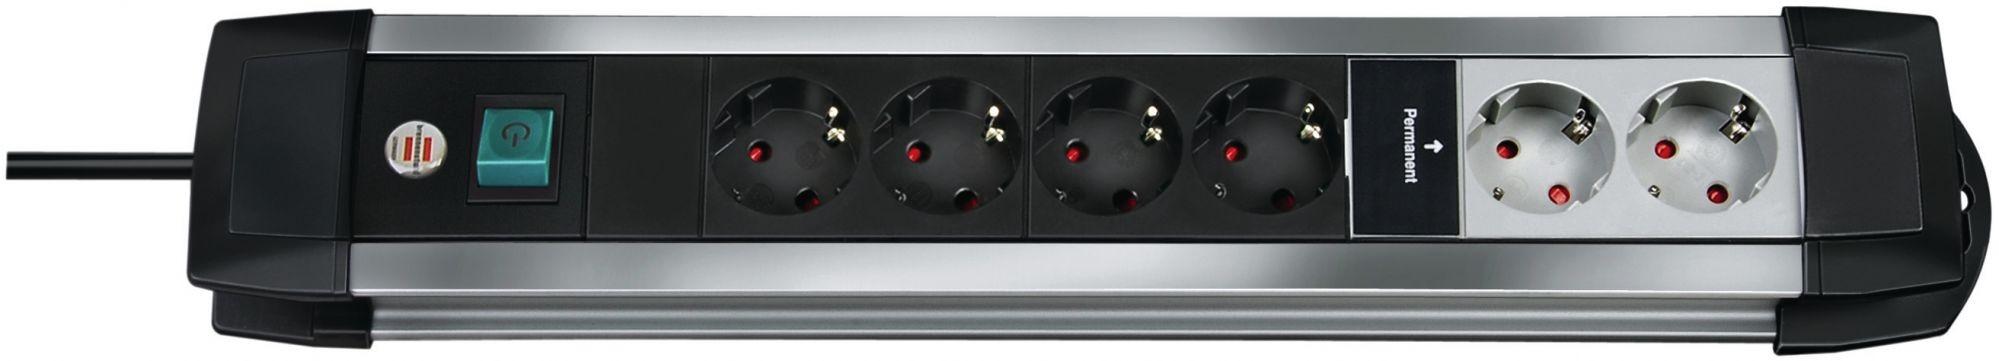 teamsix premium alu line 6 fach 3m h05vv f 3g1 5 brennenstuhl materiale da collegamento. Black Bedroom Furniture Sets. Home Design Ideas